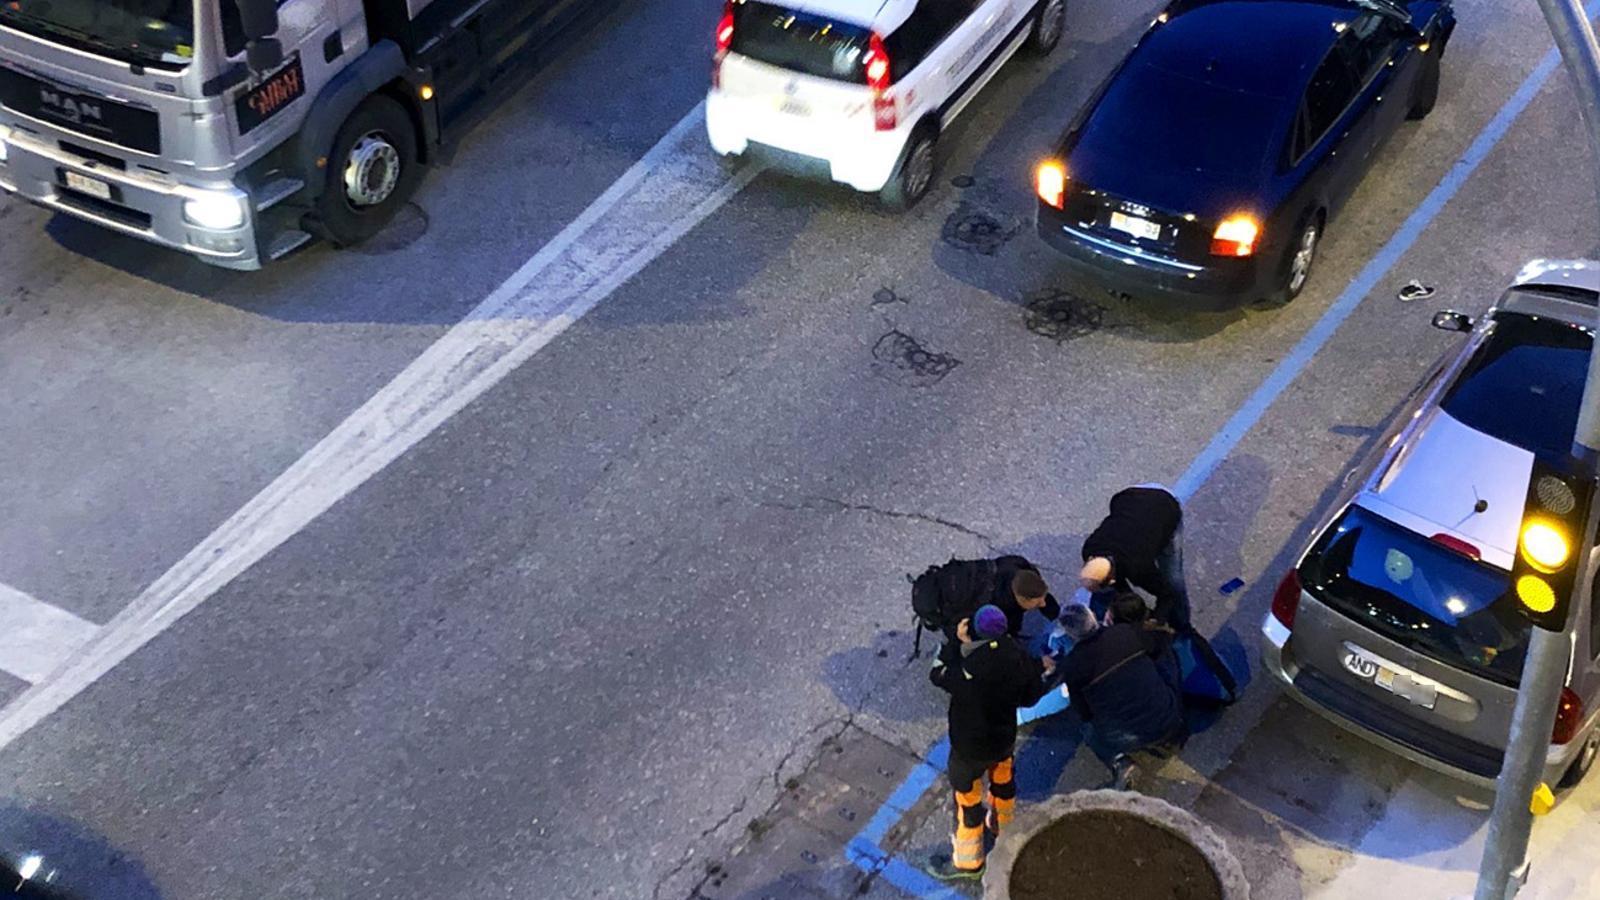 L'equip d'emergències atén la ferida després de l'atropellament. / C. P. (ANA)